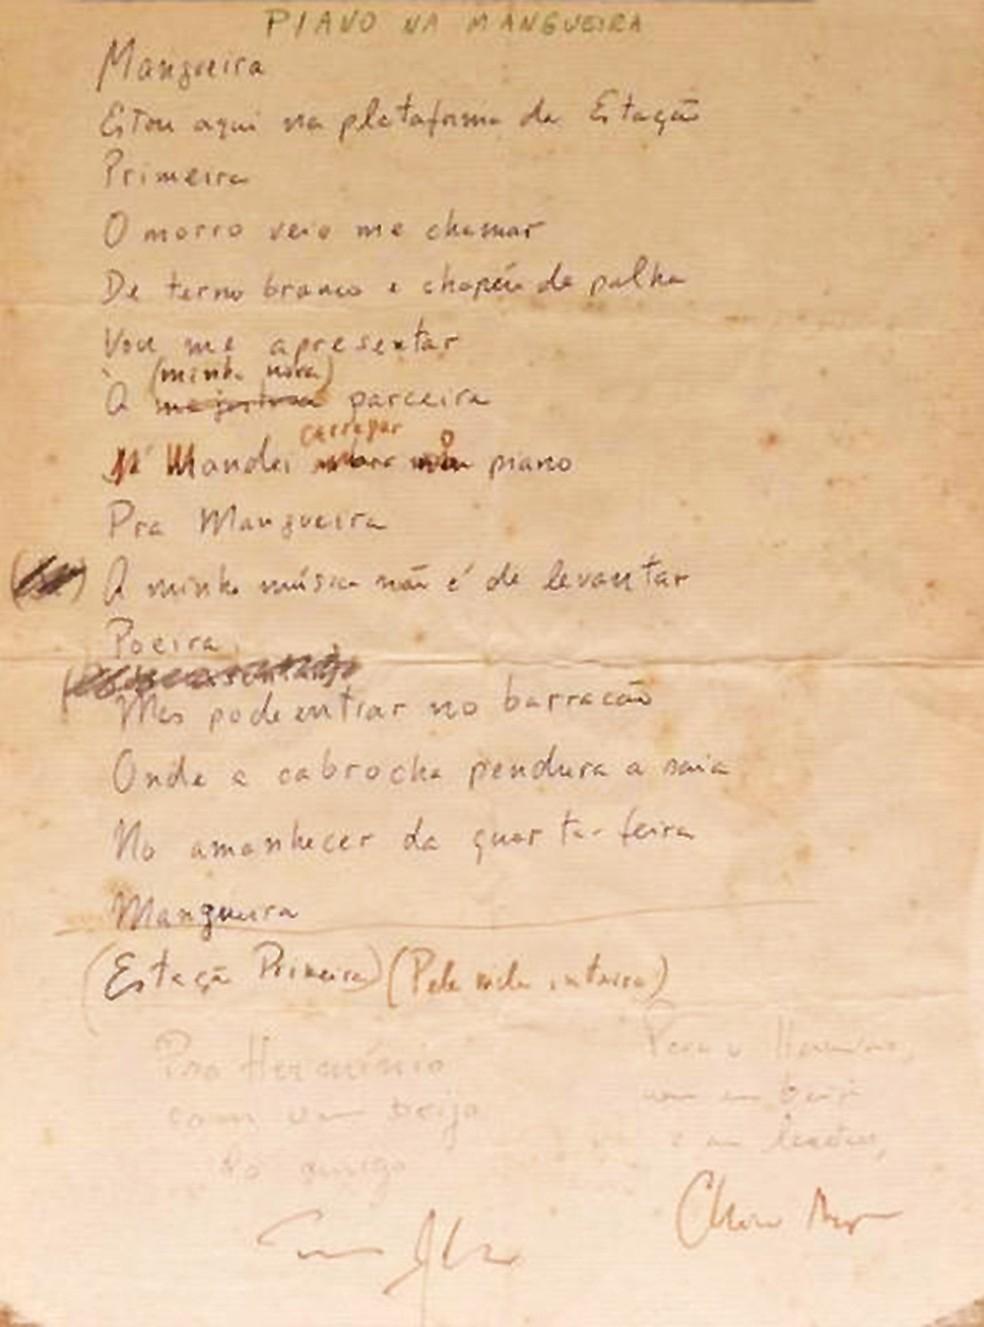 A imagem mostra o manuscrito com a letra de Piano na Mangueira, de Chico Buarque e Tom Jobim